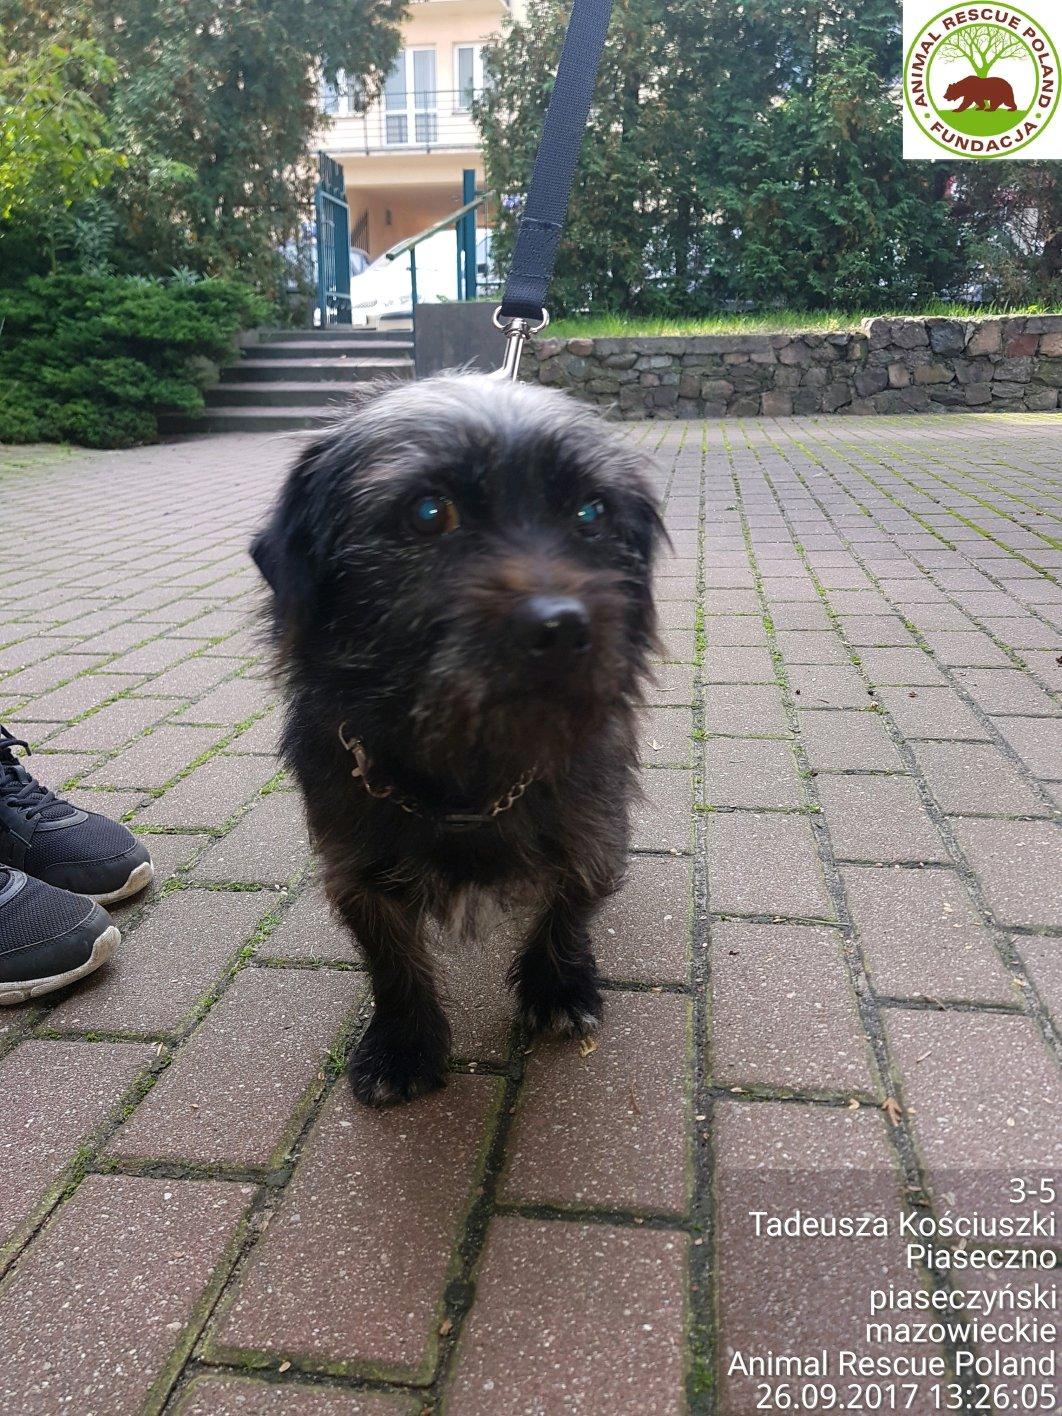 Znaleziono psa koło Domu Kultury w Piasecznie